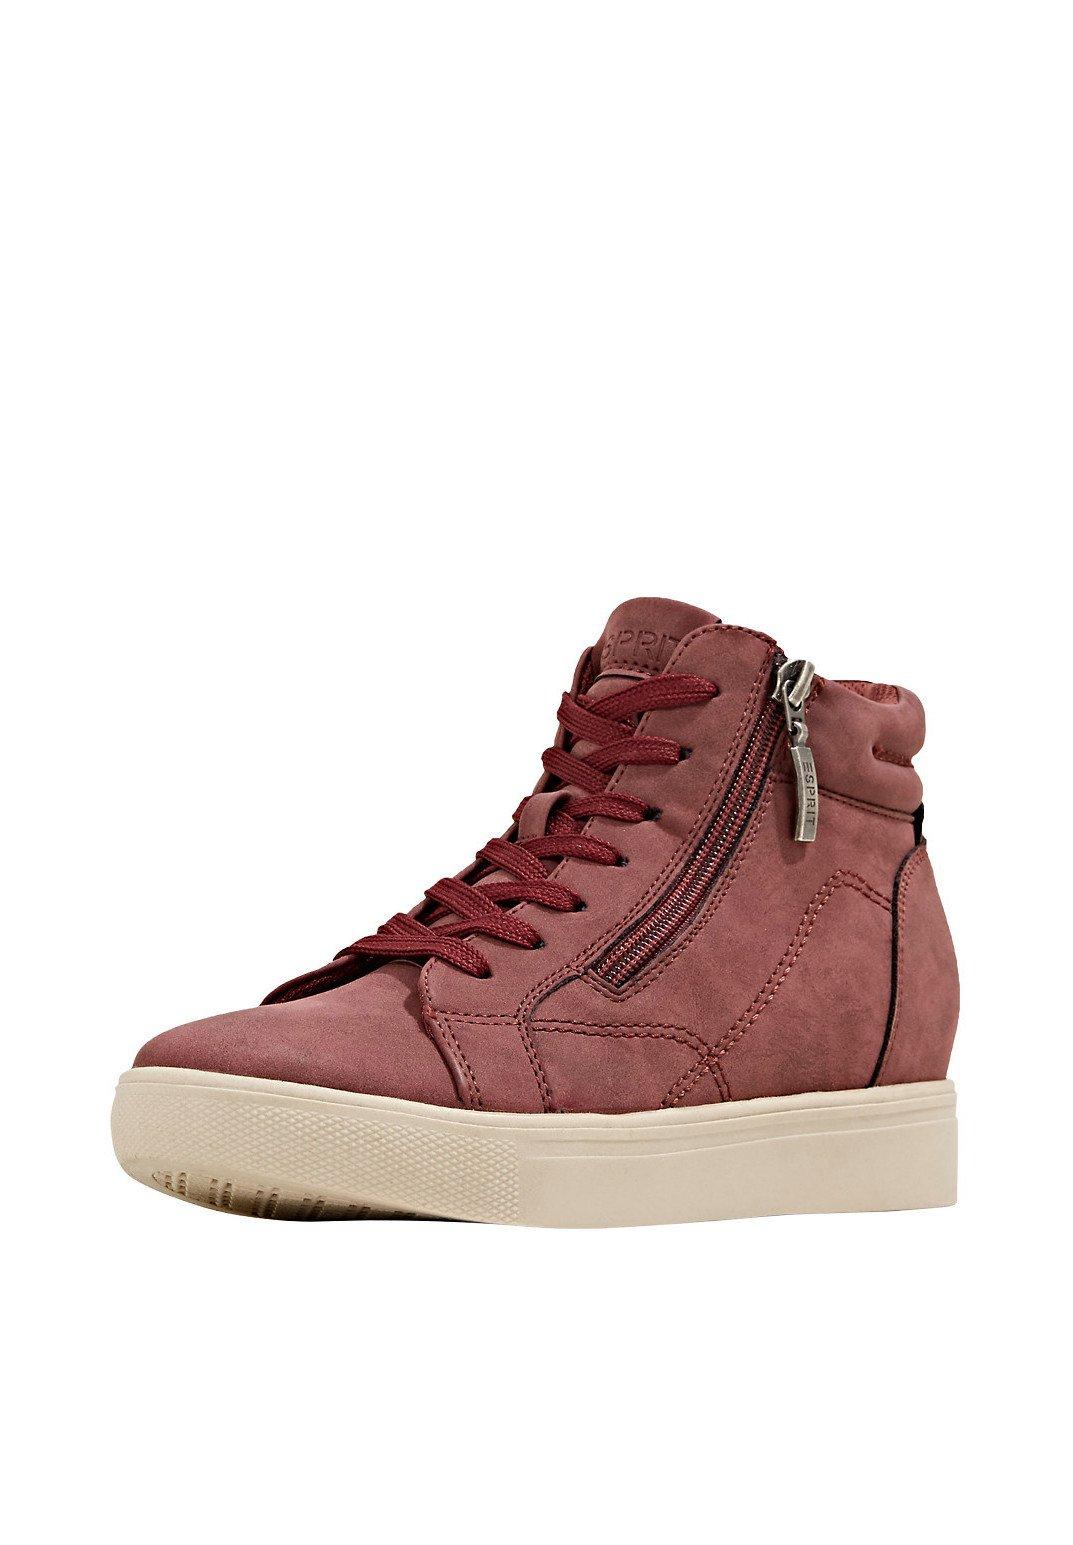 Esprit Sneaker high bordeaux red/bordeaux